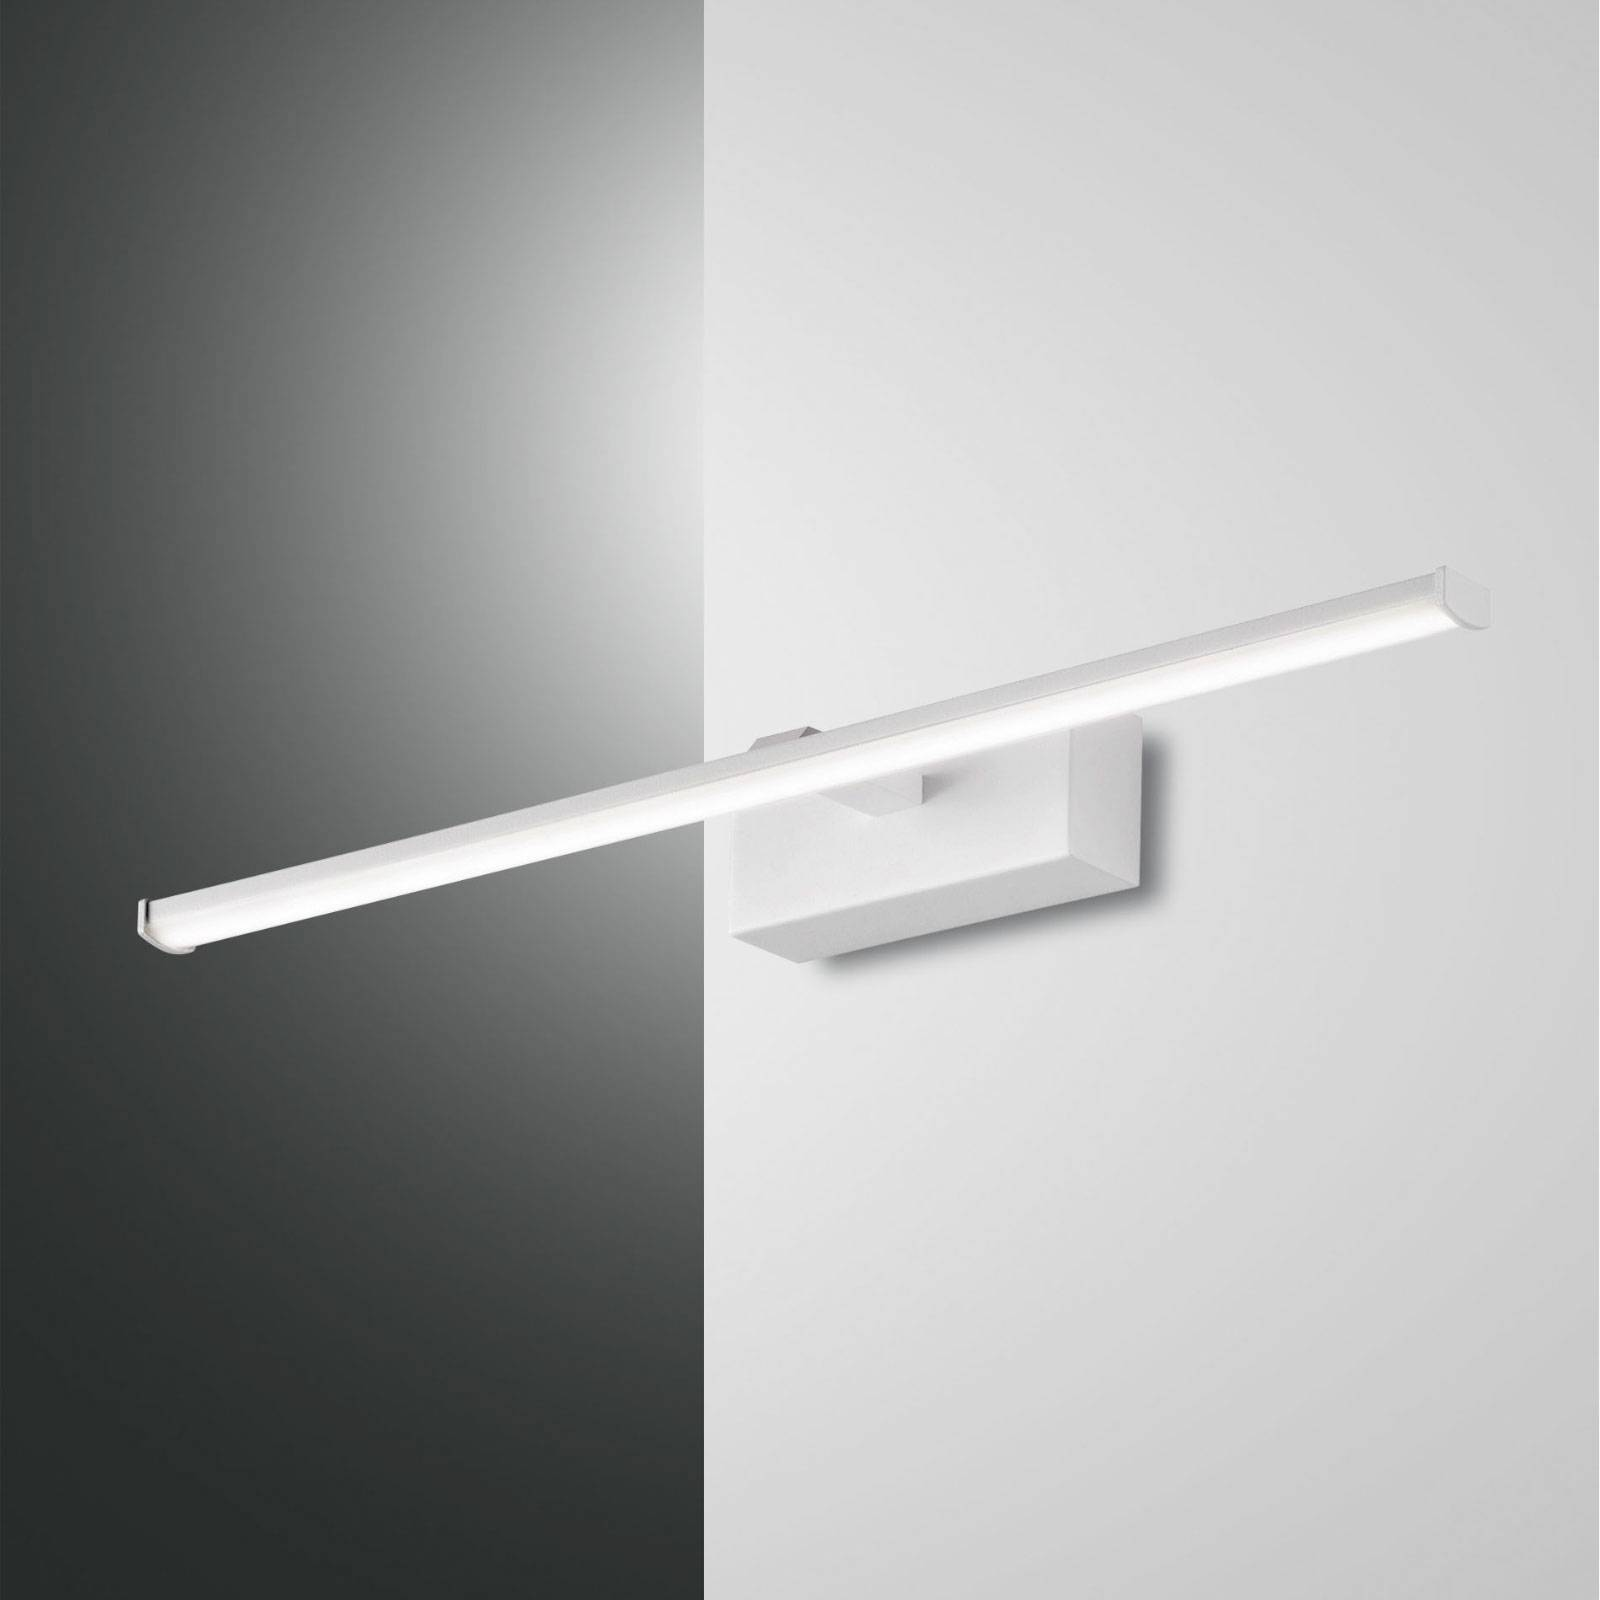 Applique LED Nala, blanche, largeur 50cm